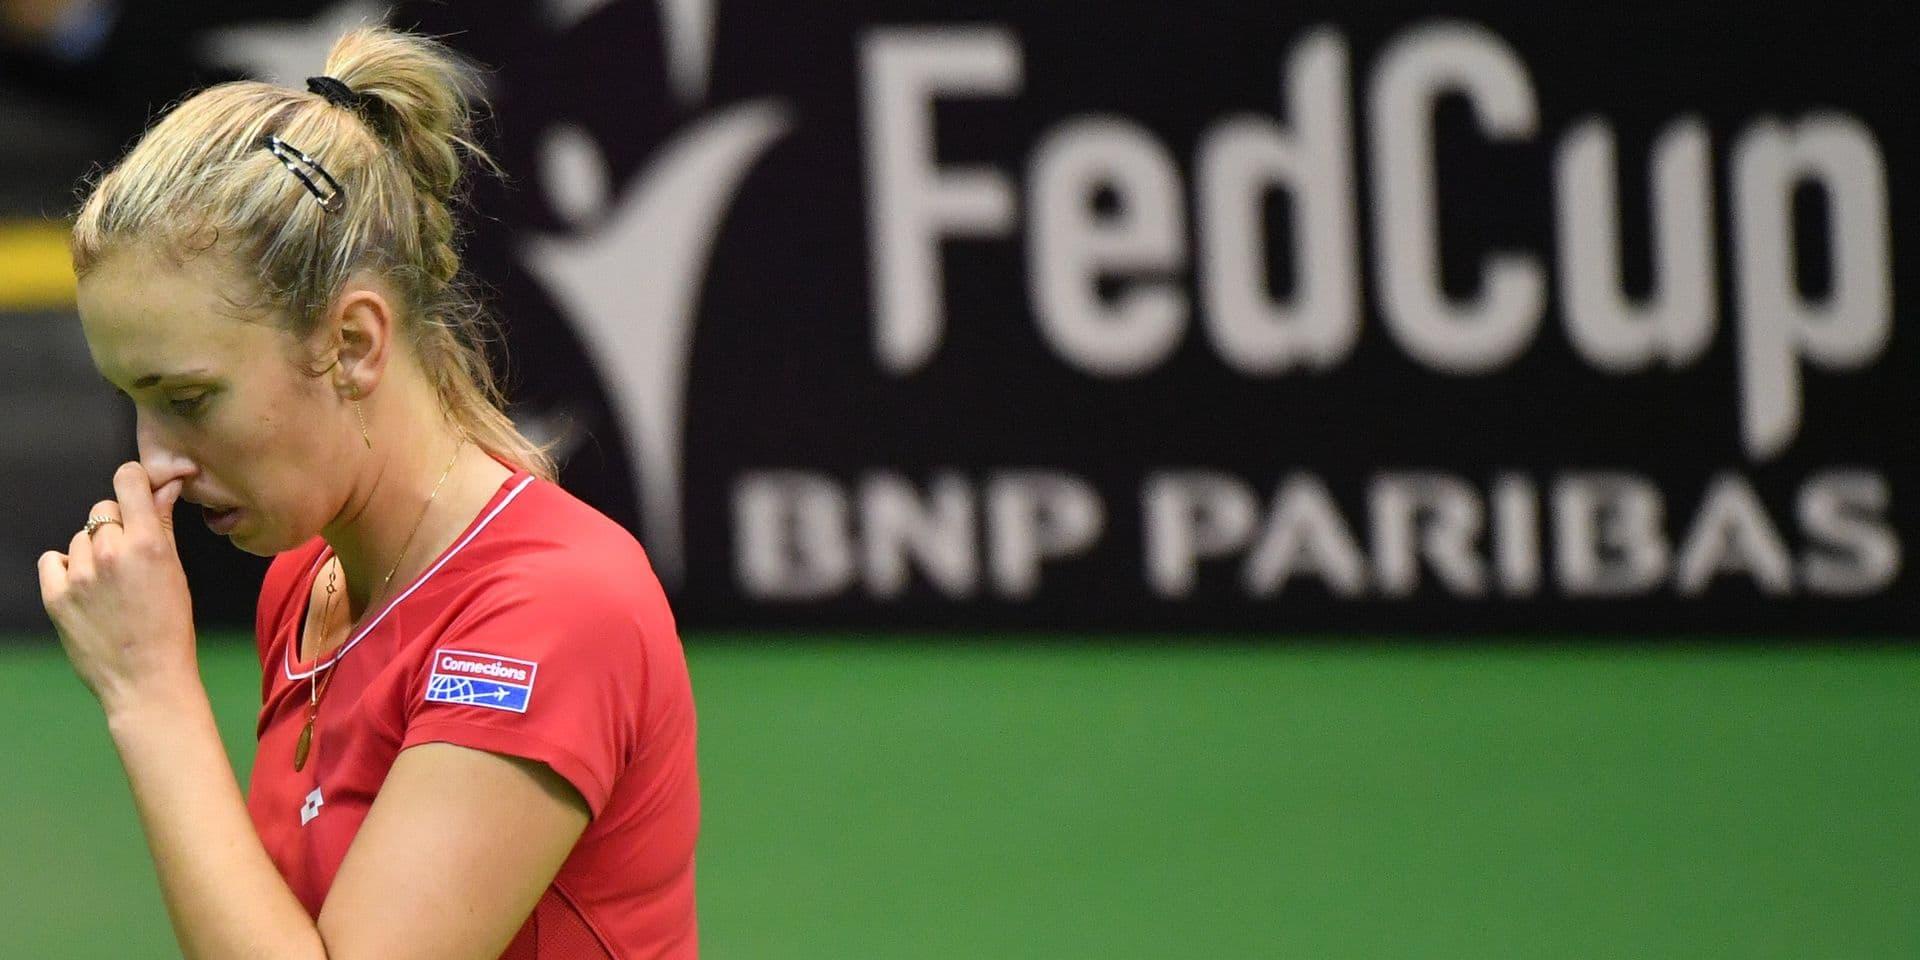 Fed Cup: Mertens s'incline contre Garcia, la France élimine la Belgique (0-3)